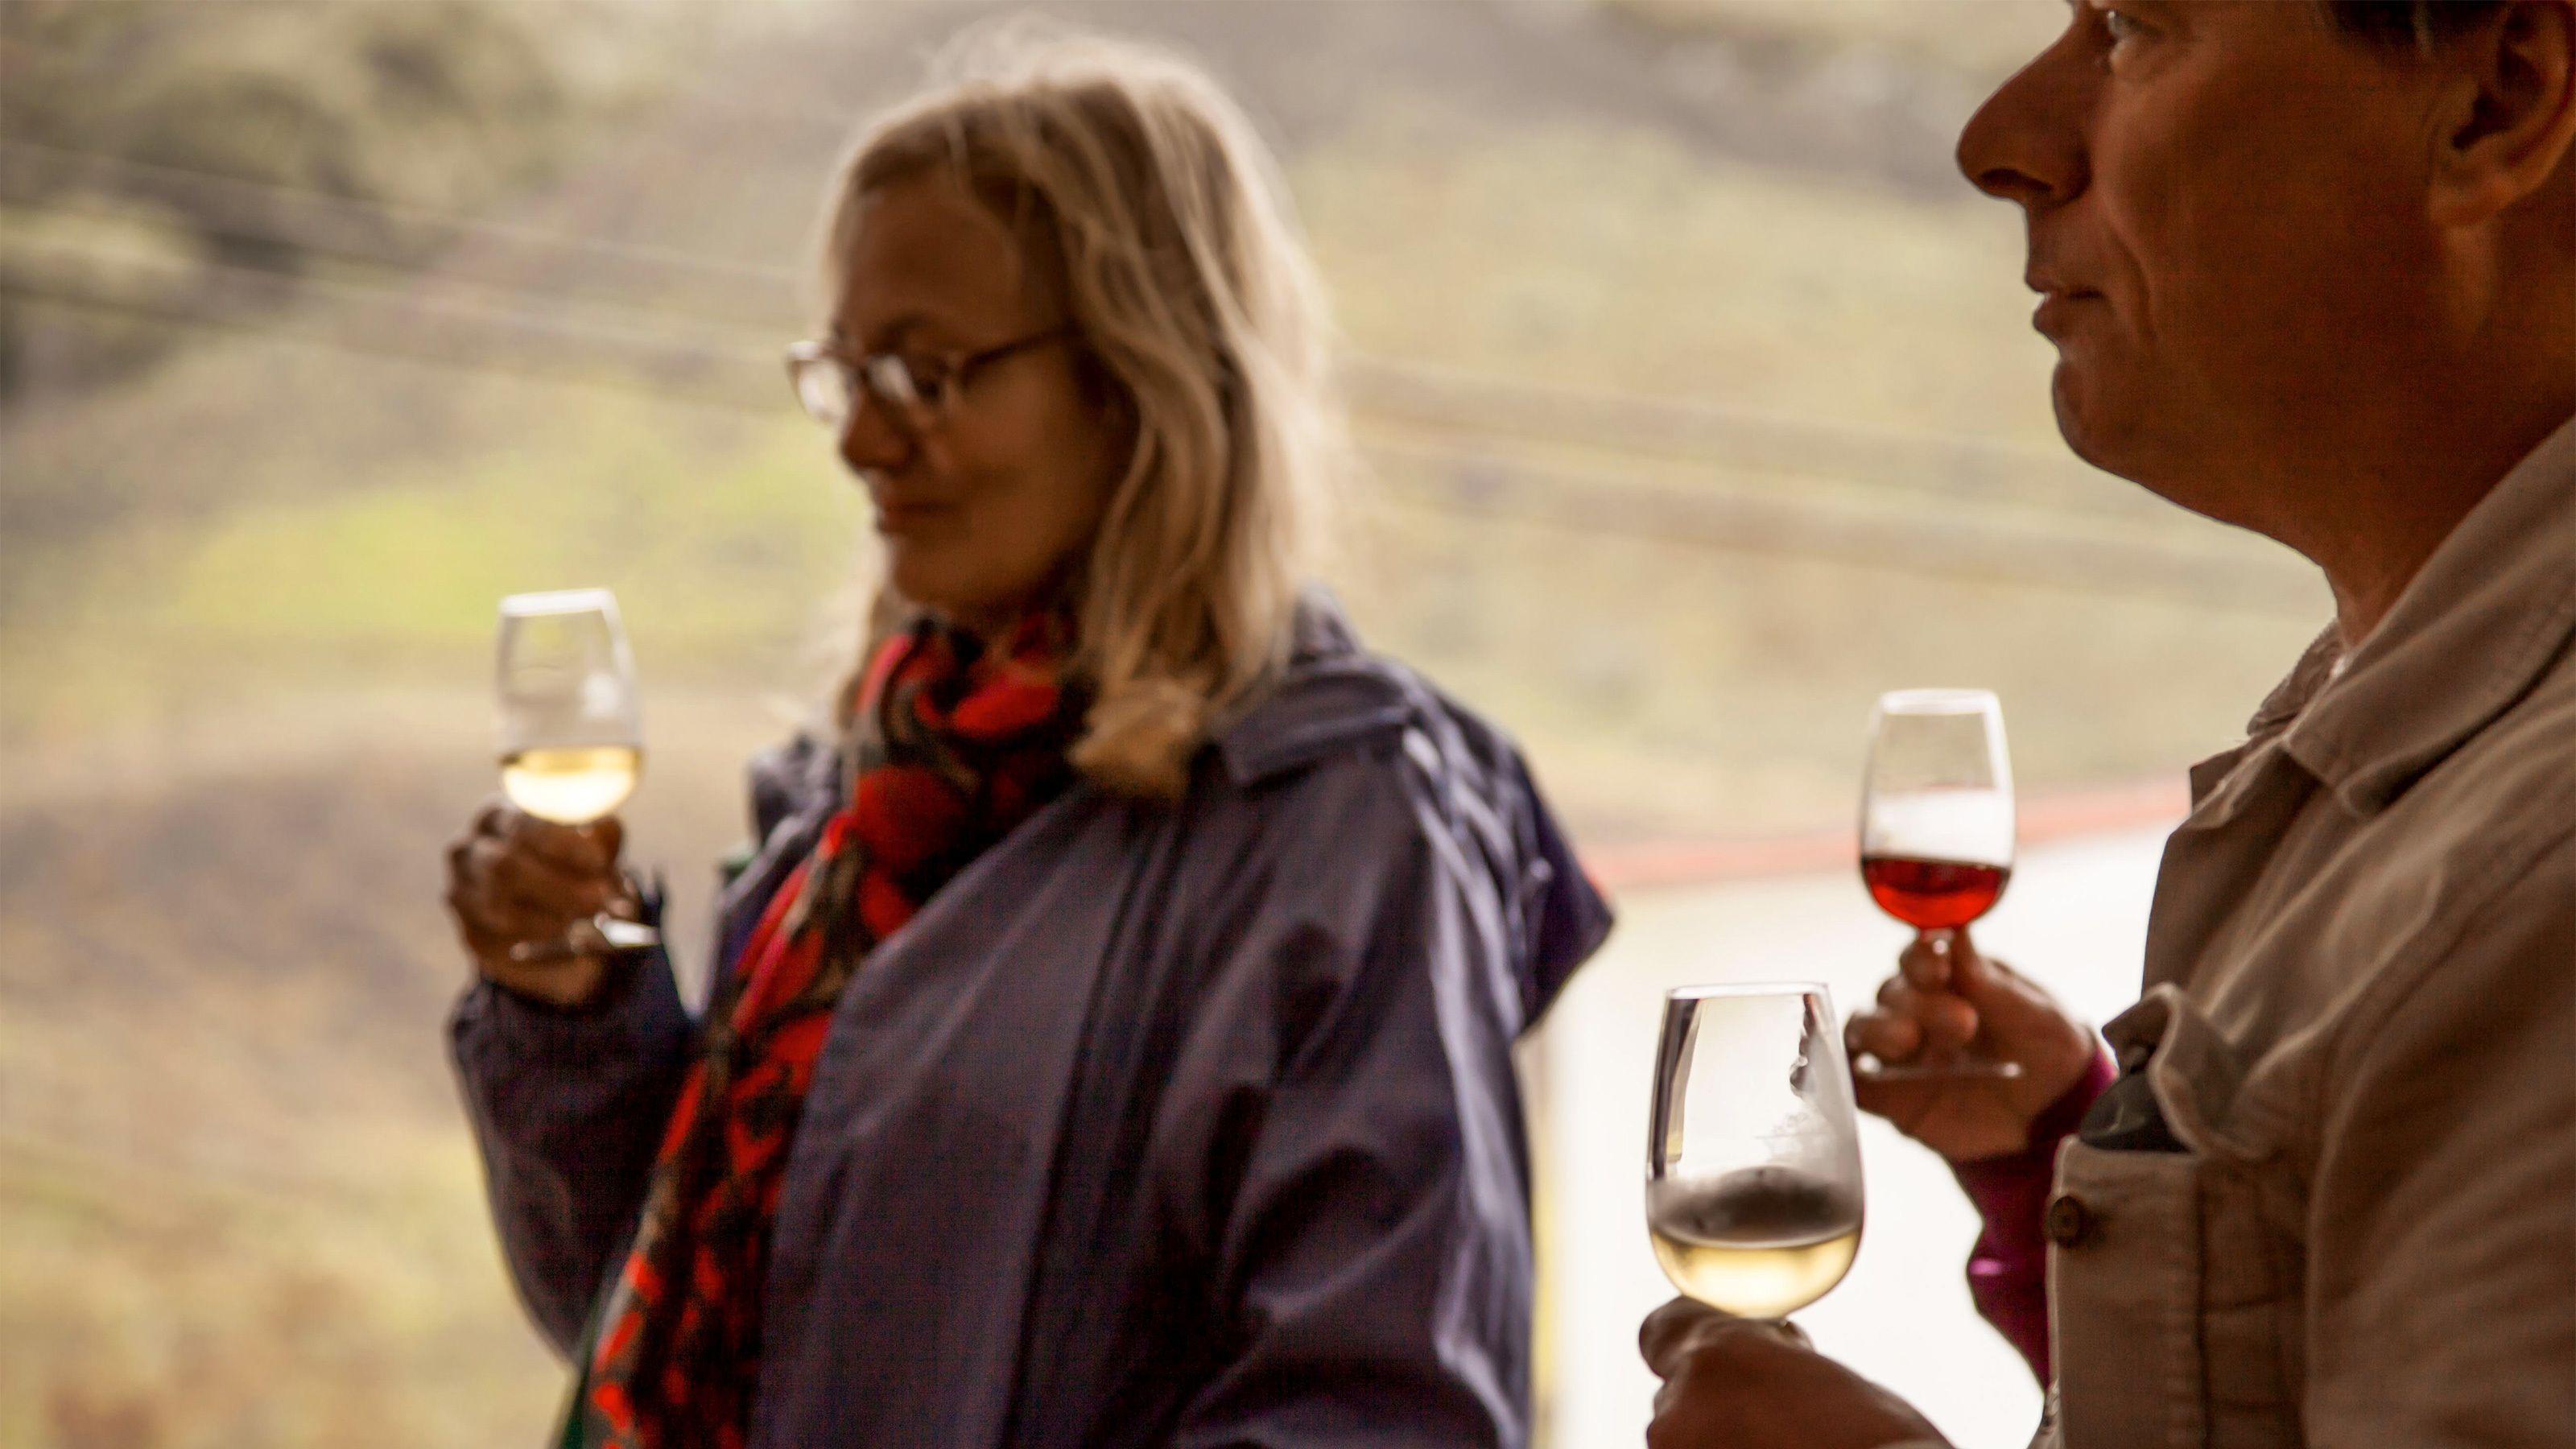 Nordkyst-tur med vinsmaking og kaffeplantasjer